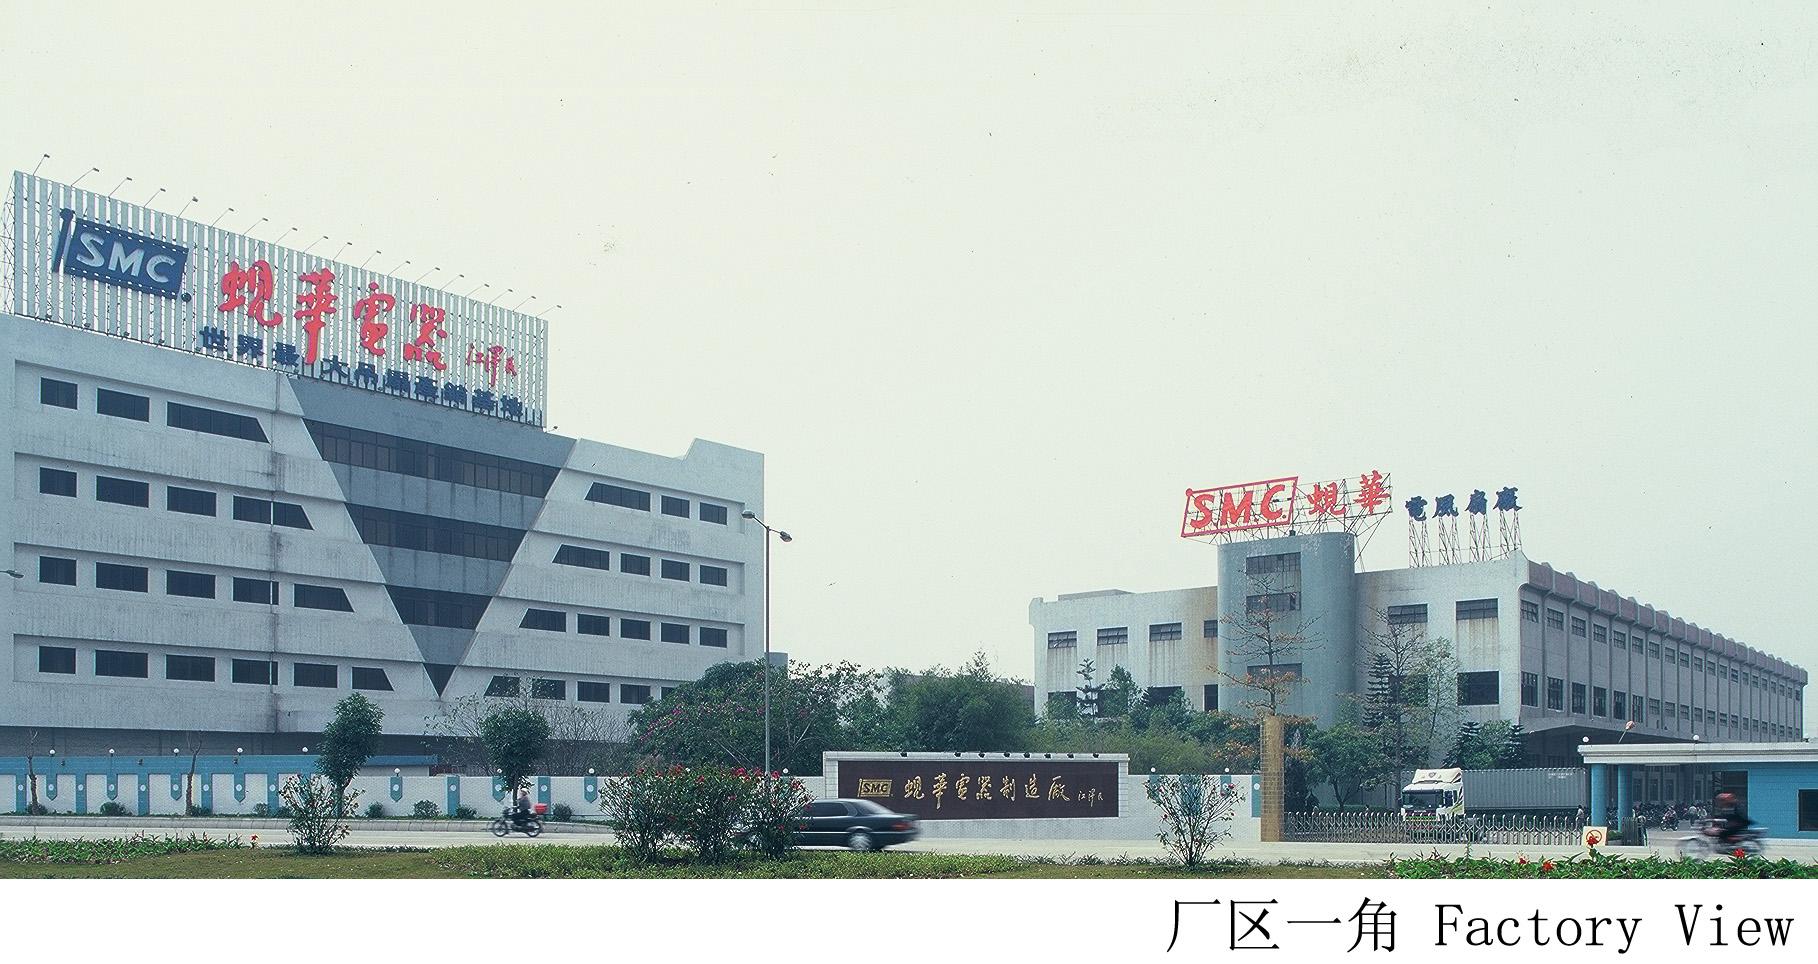 蚬华电器公司是全球最大的吊扇生产基地企业之一